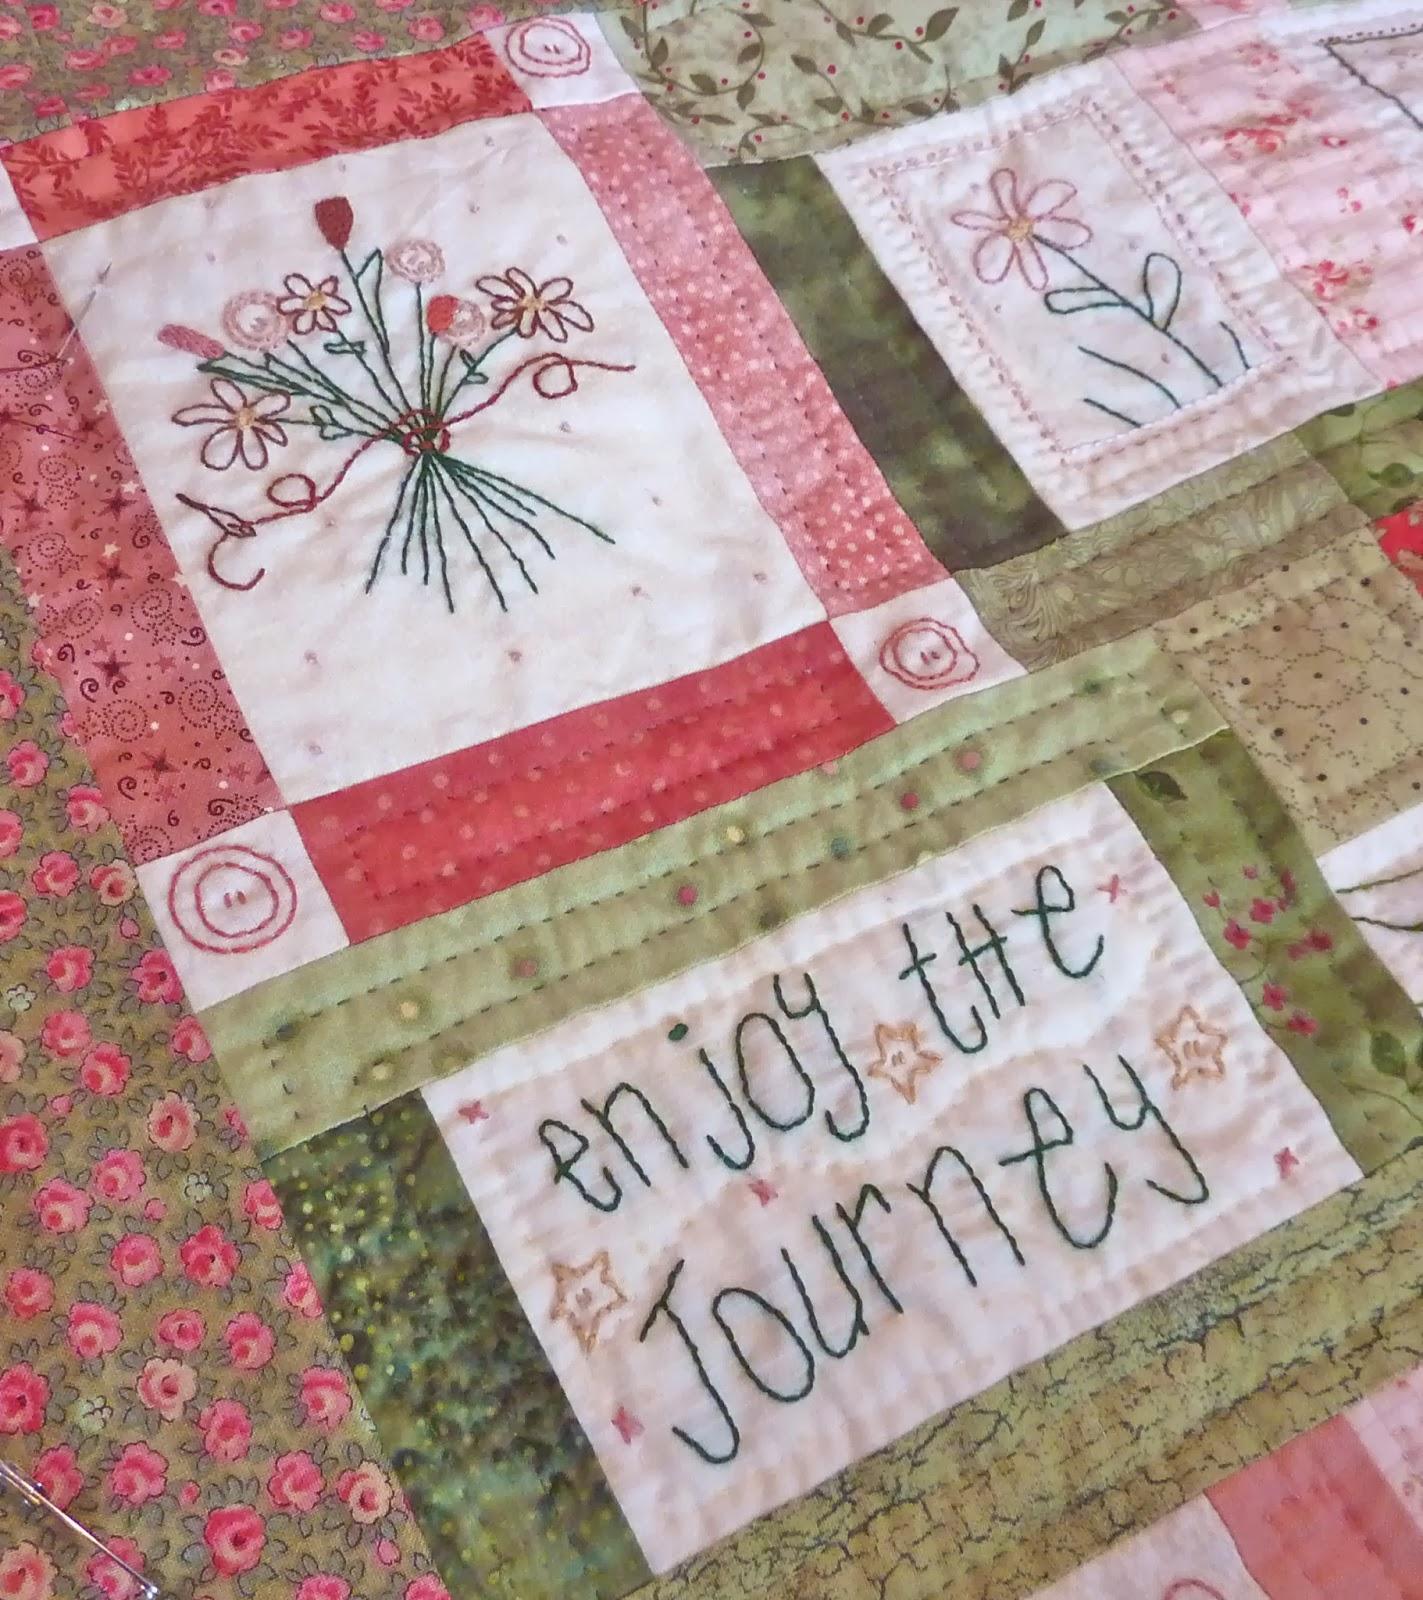 Kathys Quilts Slow Sunday Stitching Hand Stitching Patterns